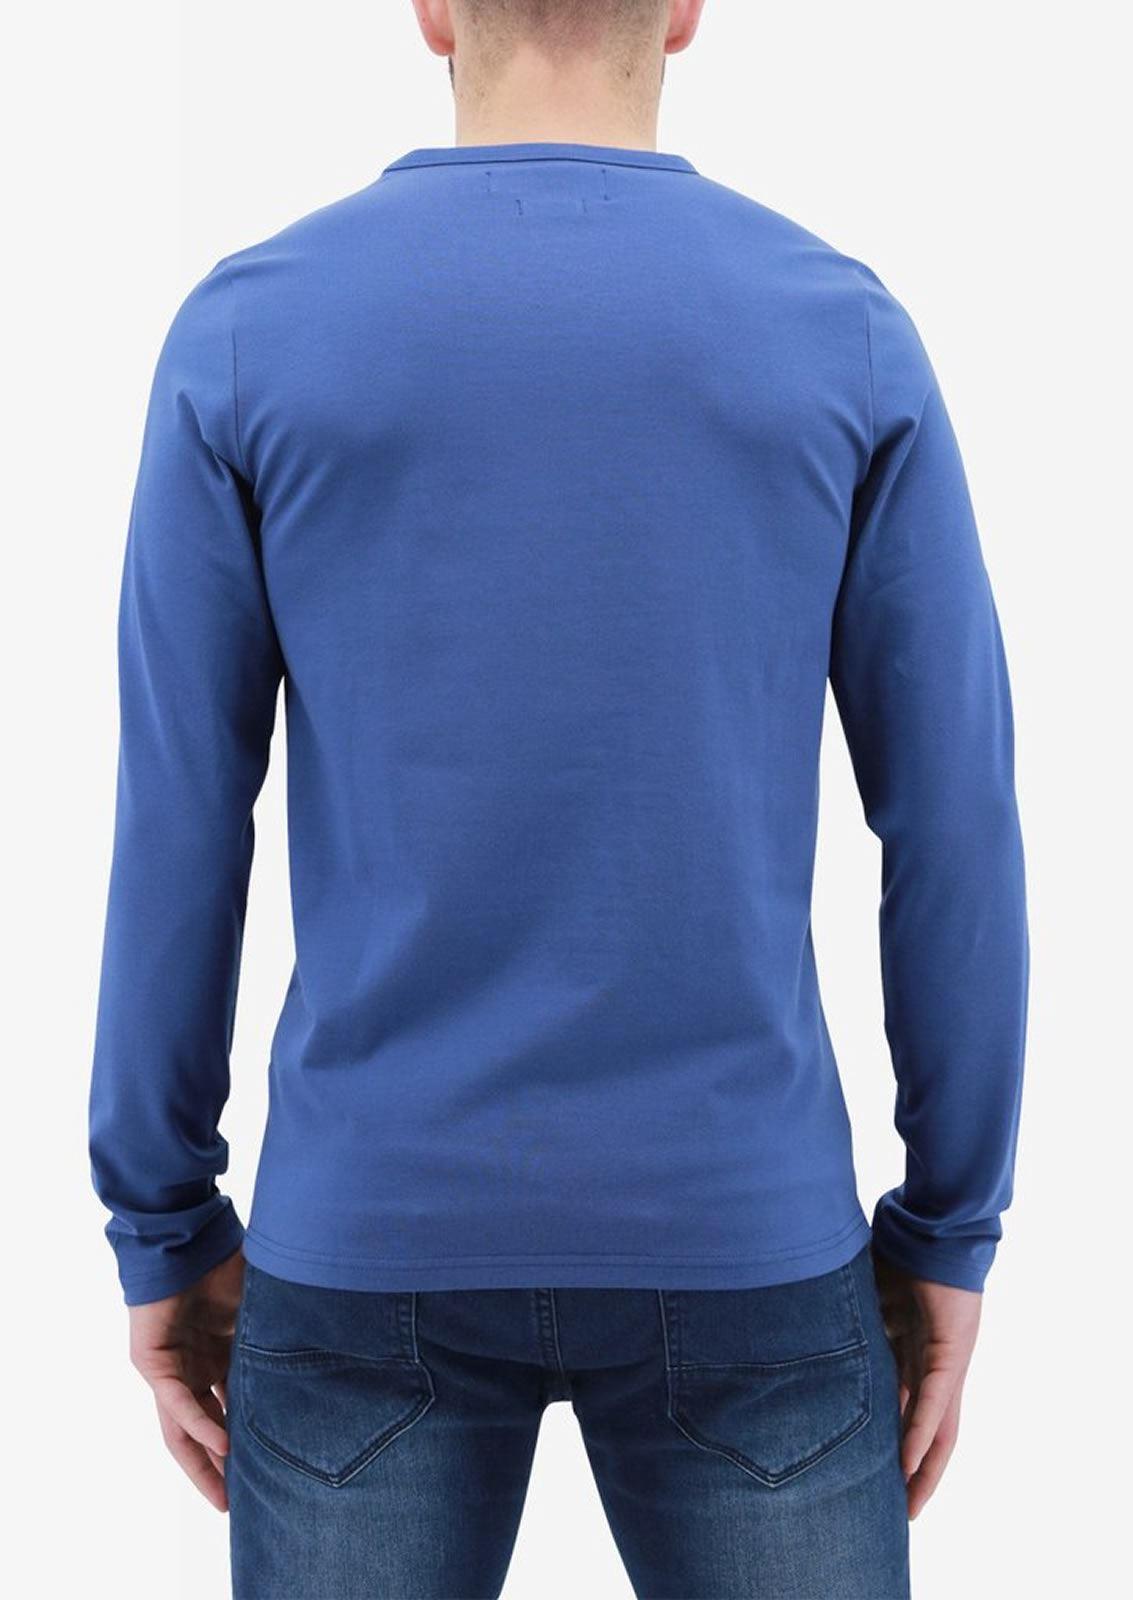 Ne-riche-par-l-039-argent-vetements-jaspe-sanguin-Hommes-T-Shirt-a-Manches-Longues-V-Neck-Tee miniature 6